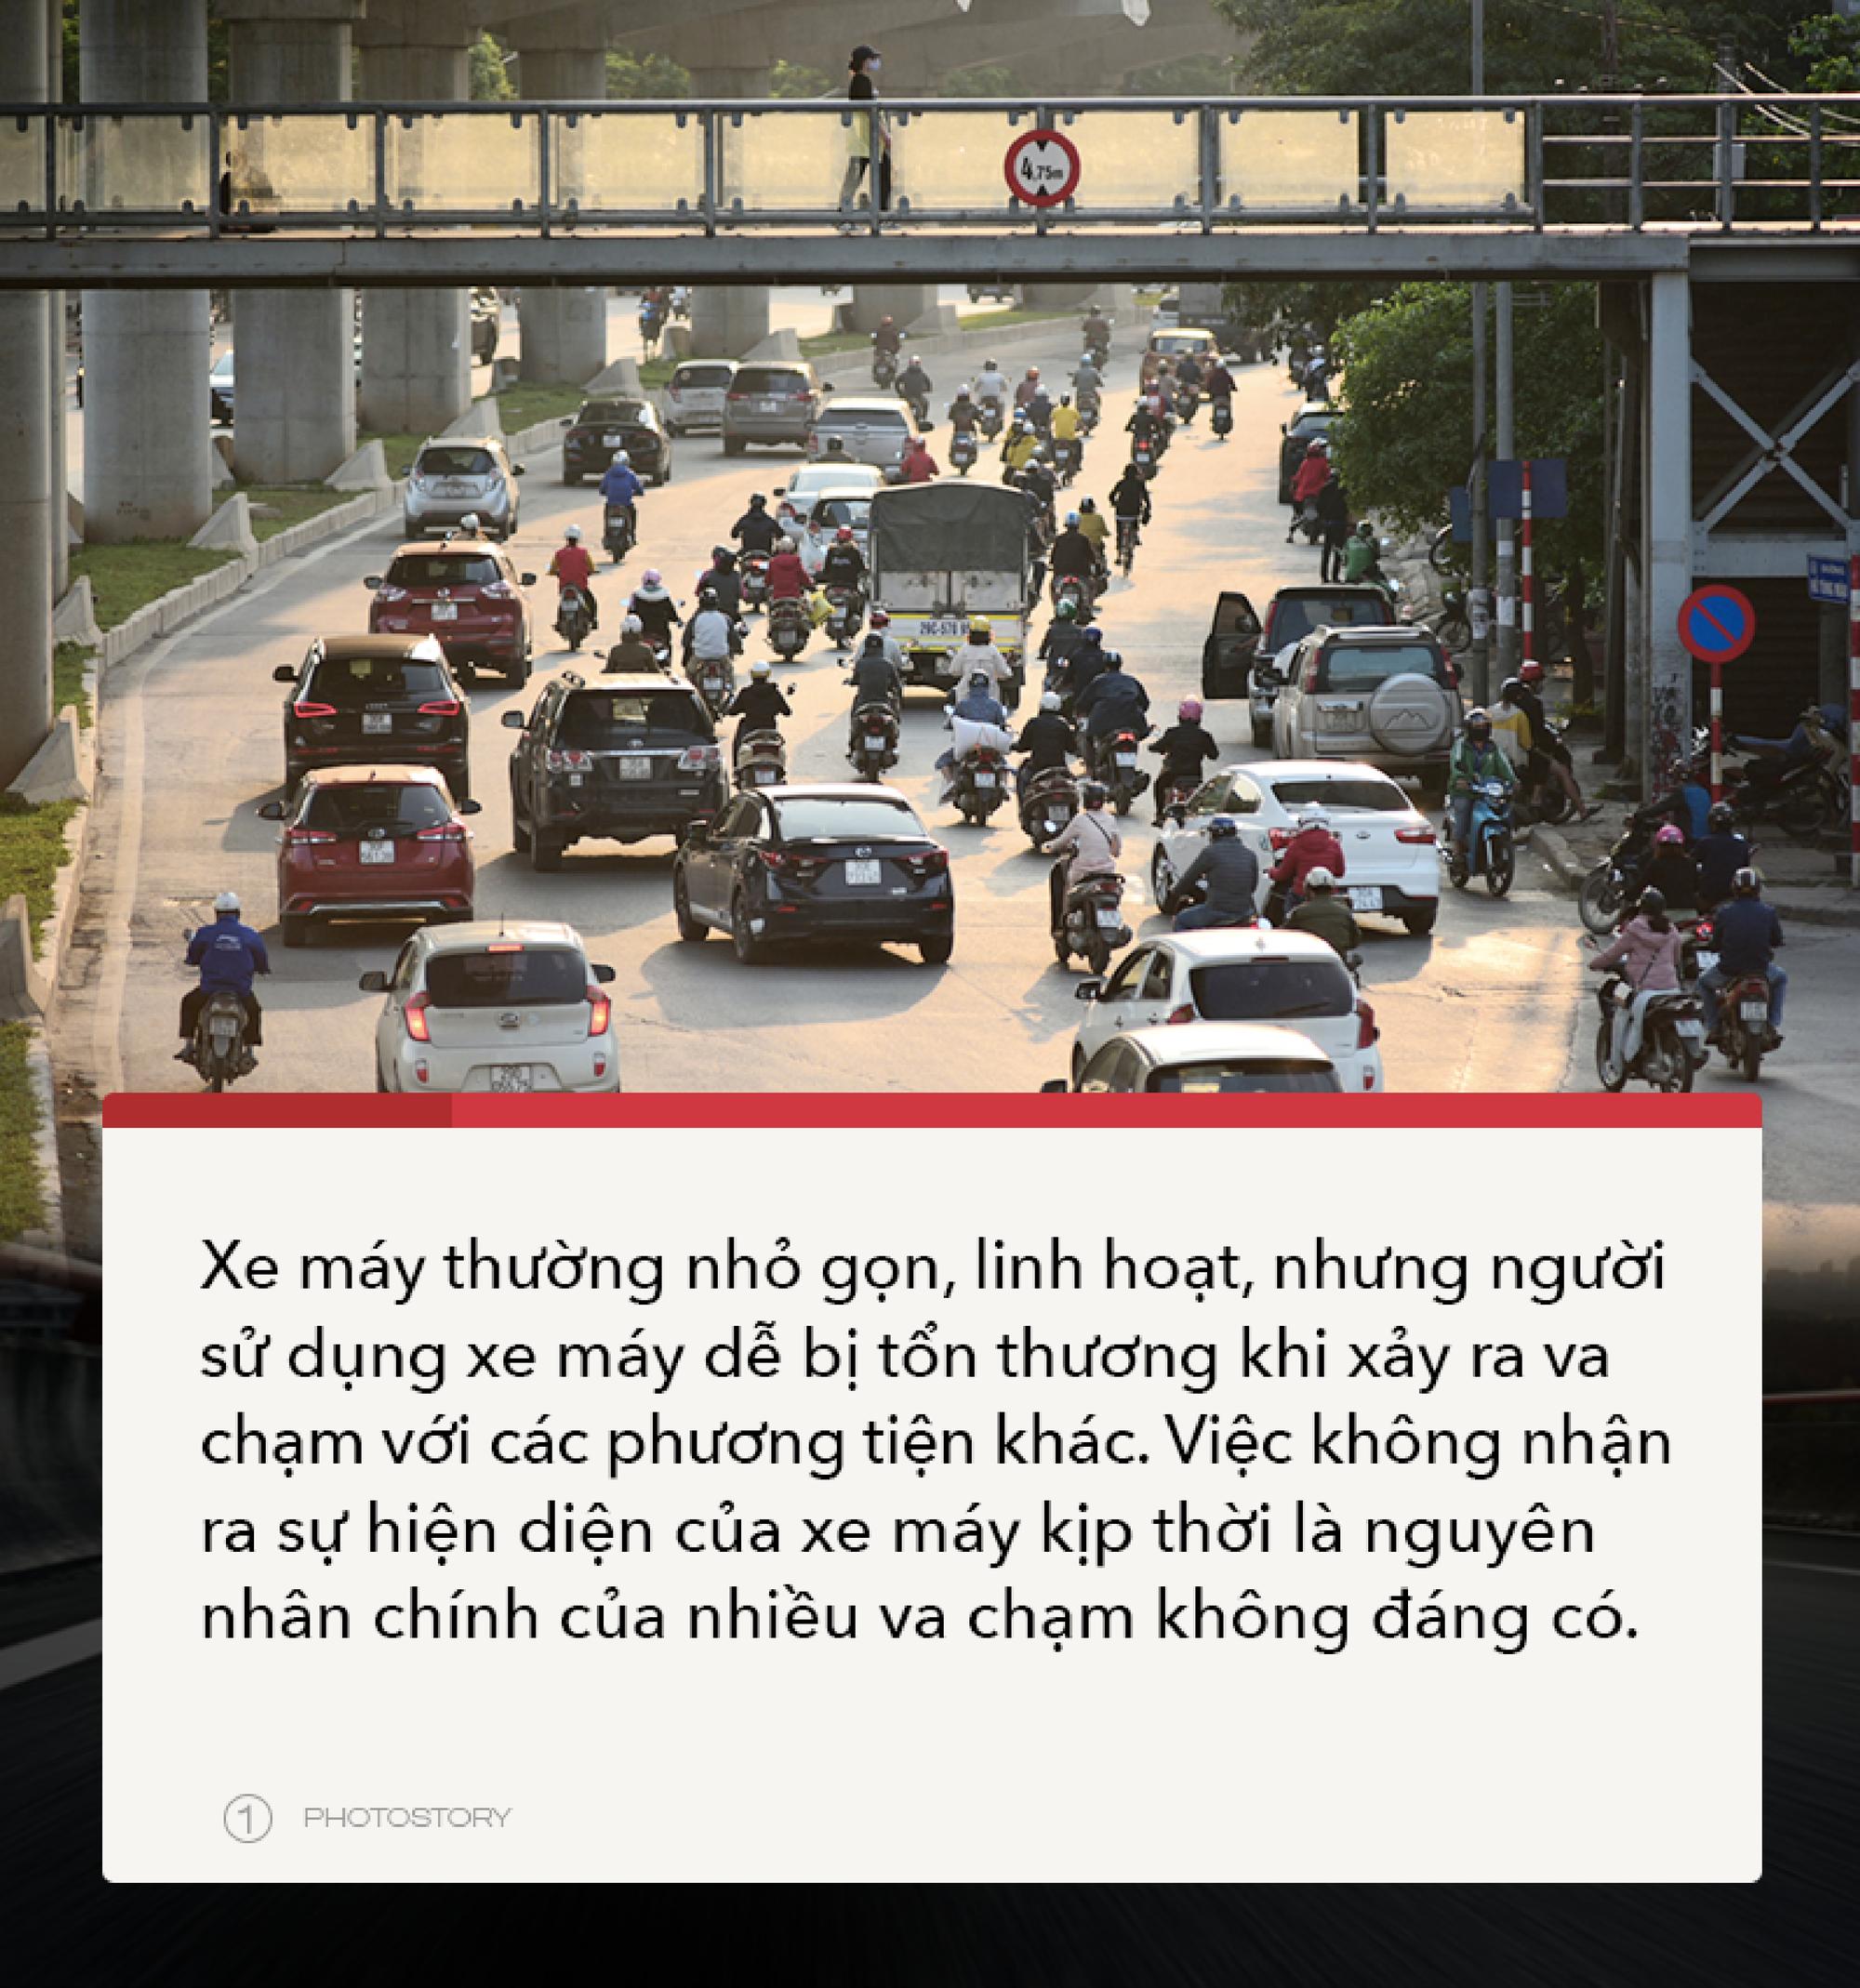 Đèn nhận diện ban ngày, xu hướng dần trở nên phổ biến tại Việt Nam - Ảnh 2.